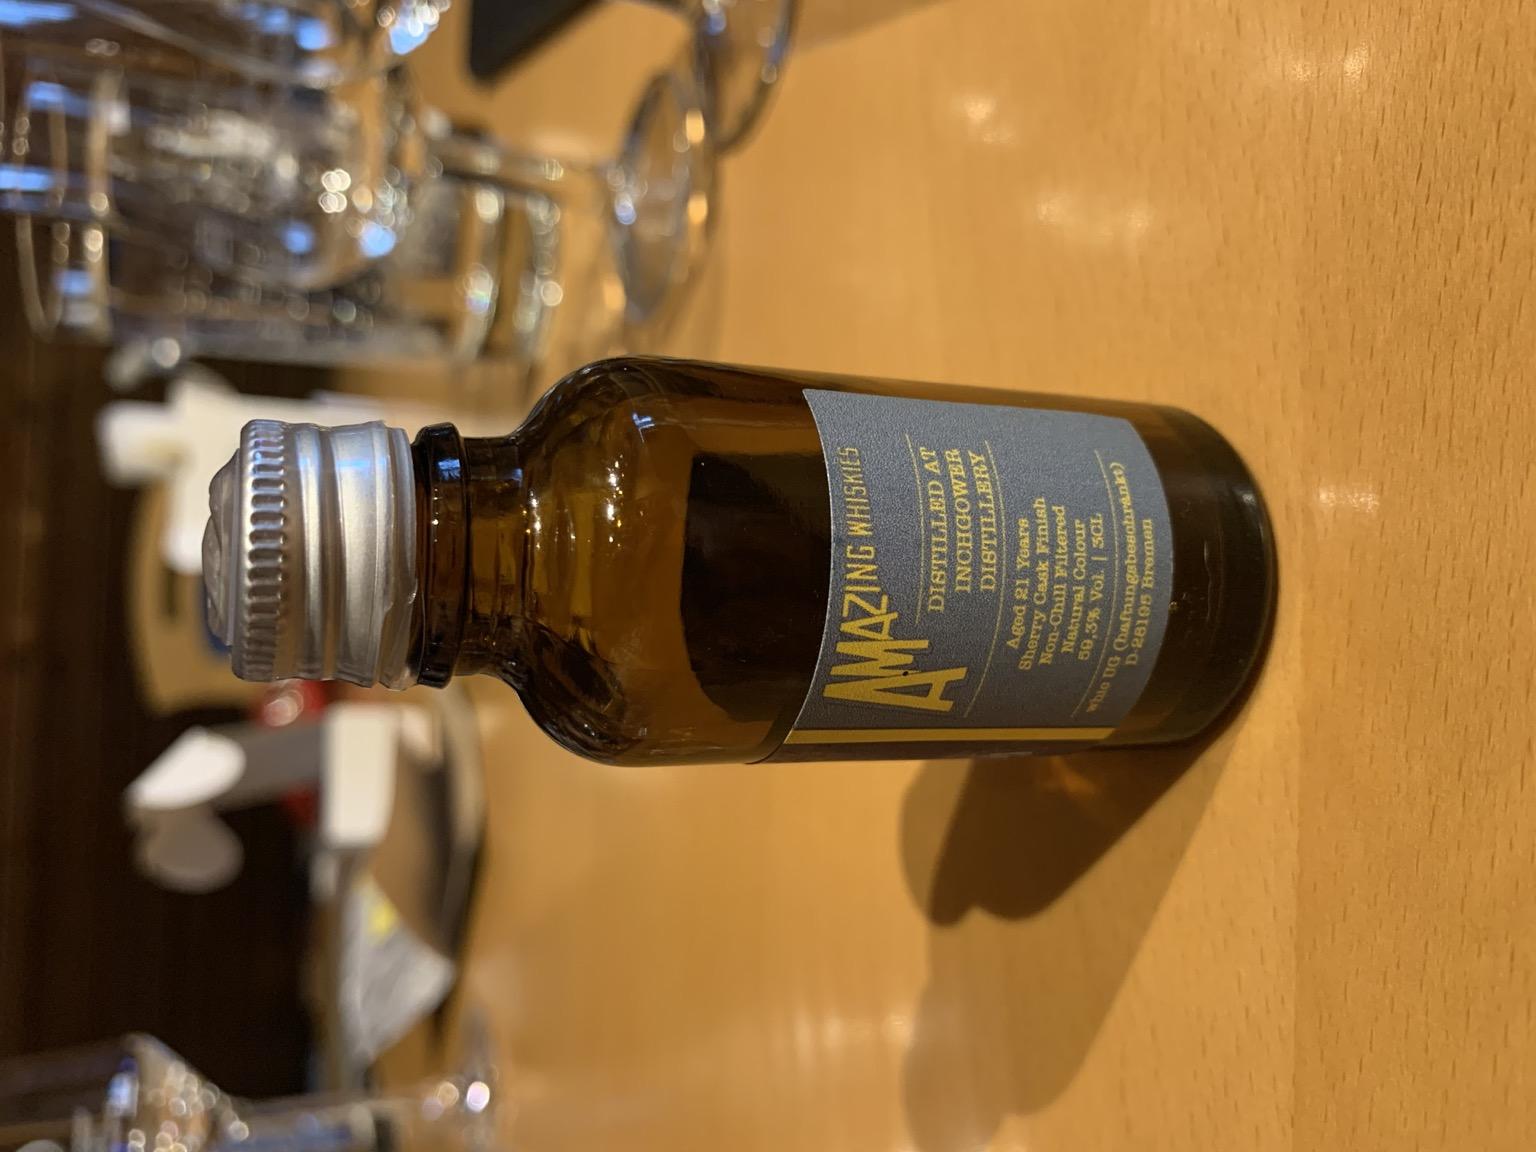 Inchgower 21yo - Whic Amazing Whiskies